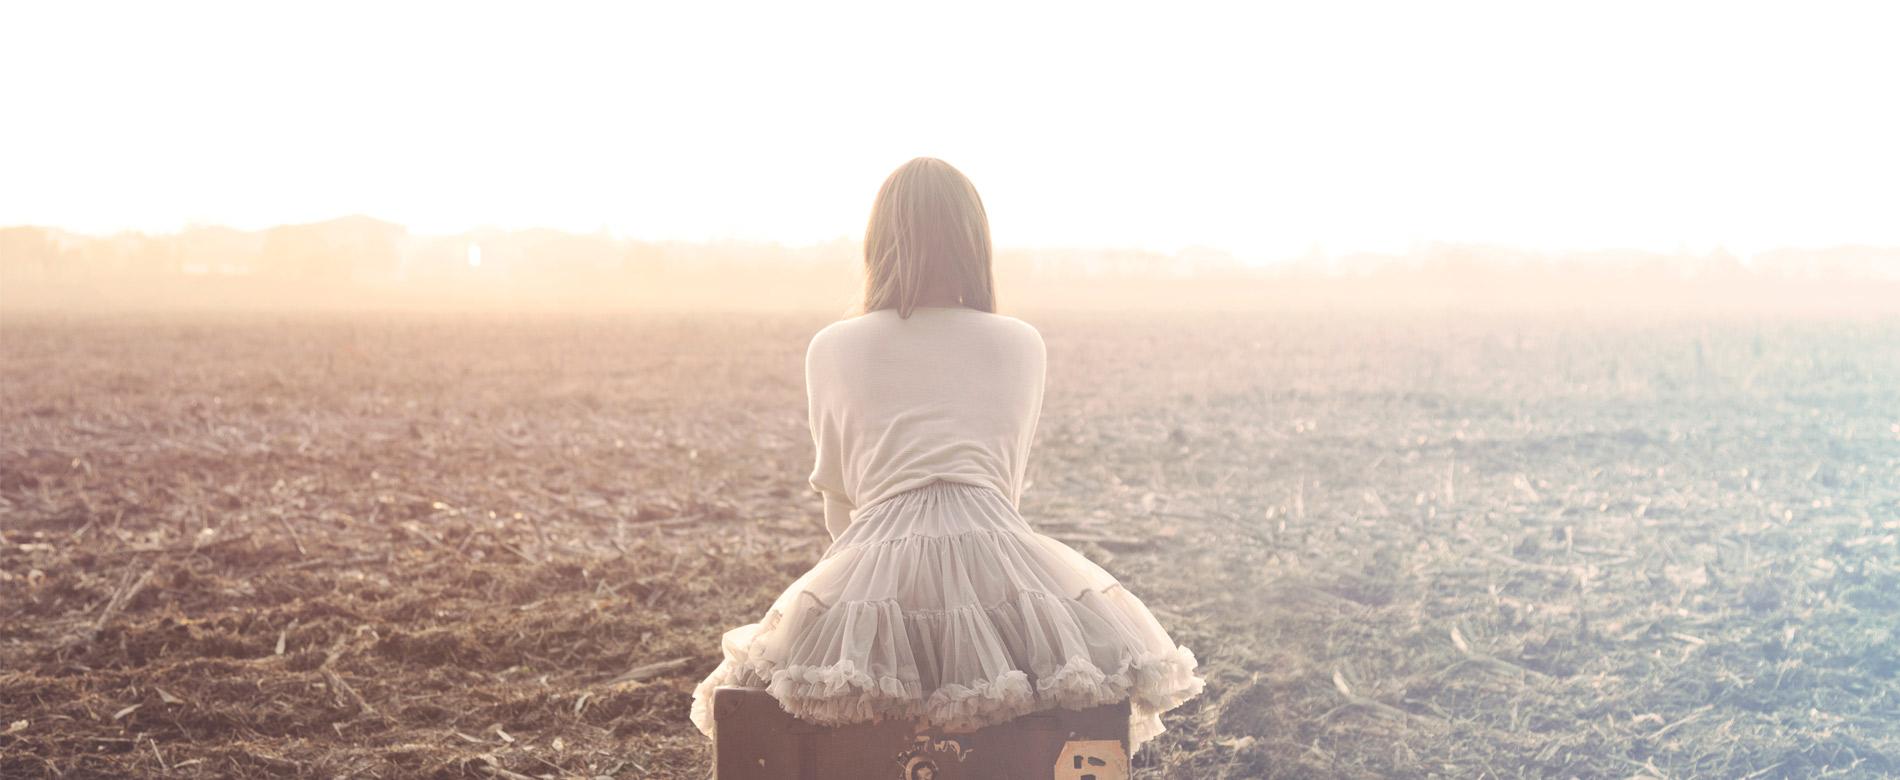 91 – Como devo ser com Deus?